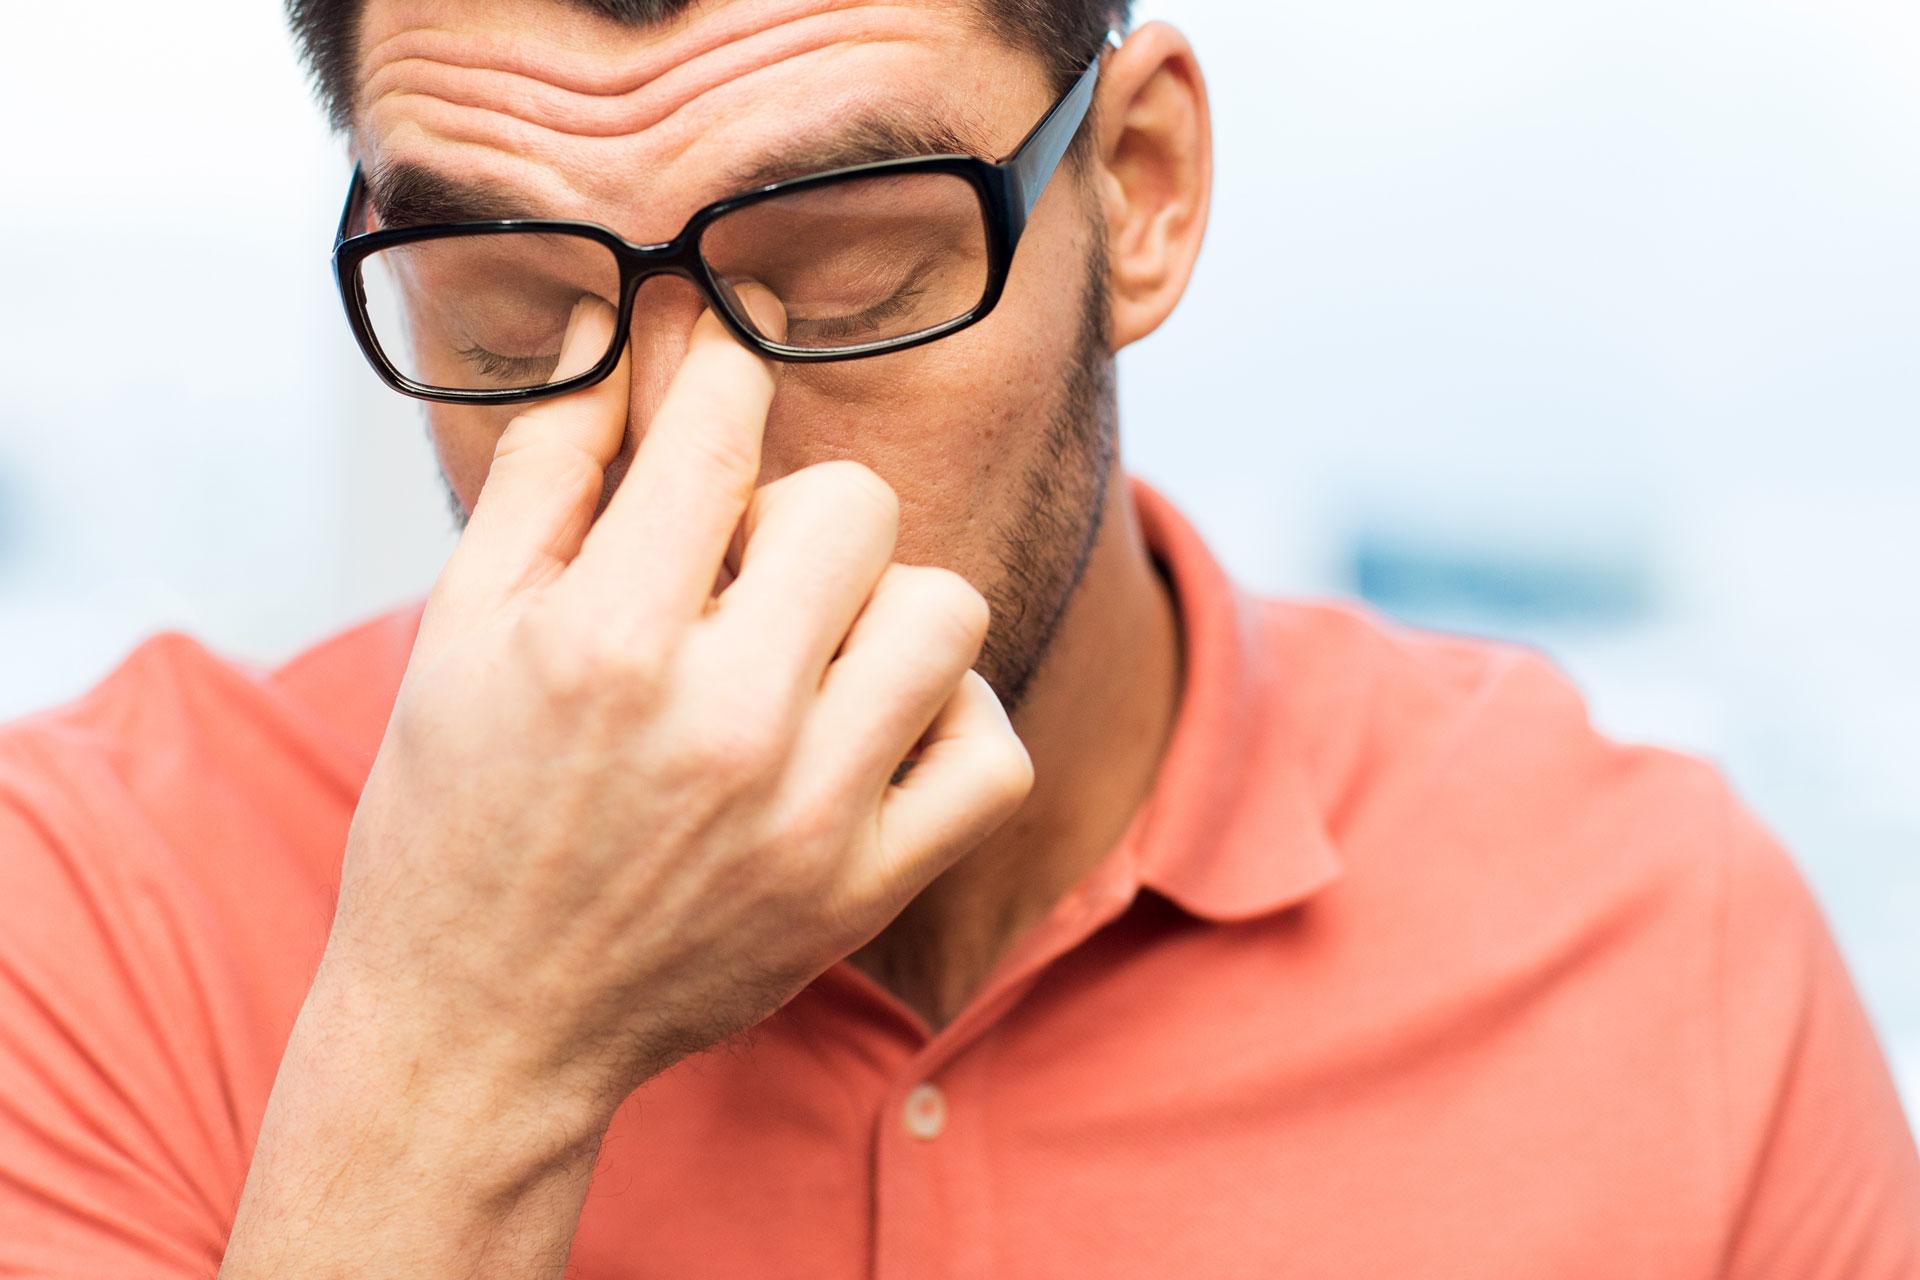 6eab99a1f Når briller er for stramme. De bedste tips til afslappet syn og det ...